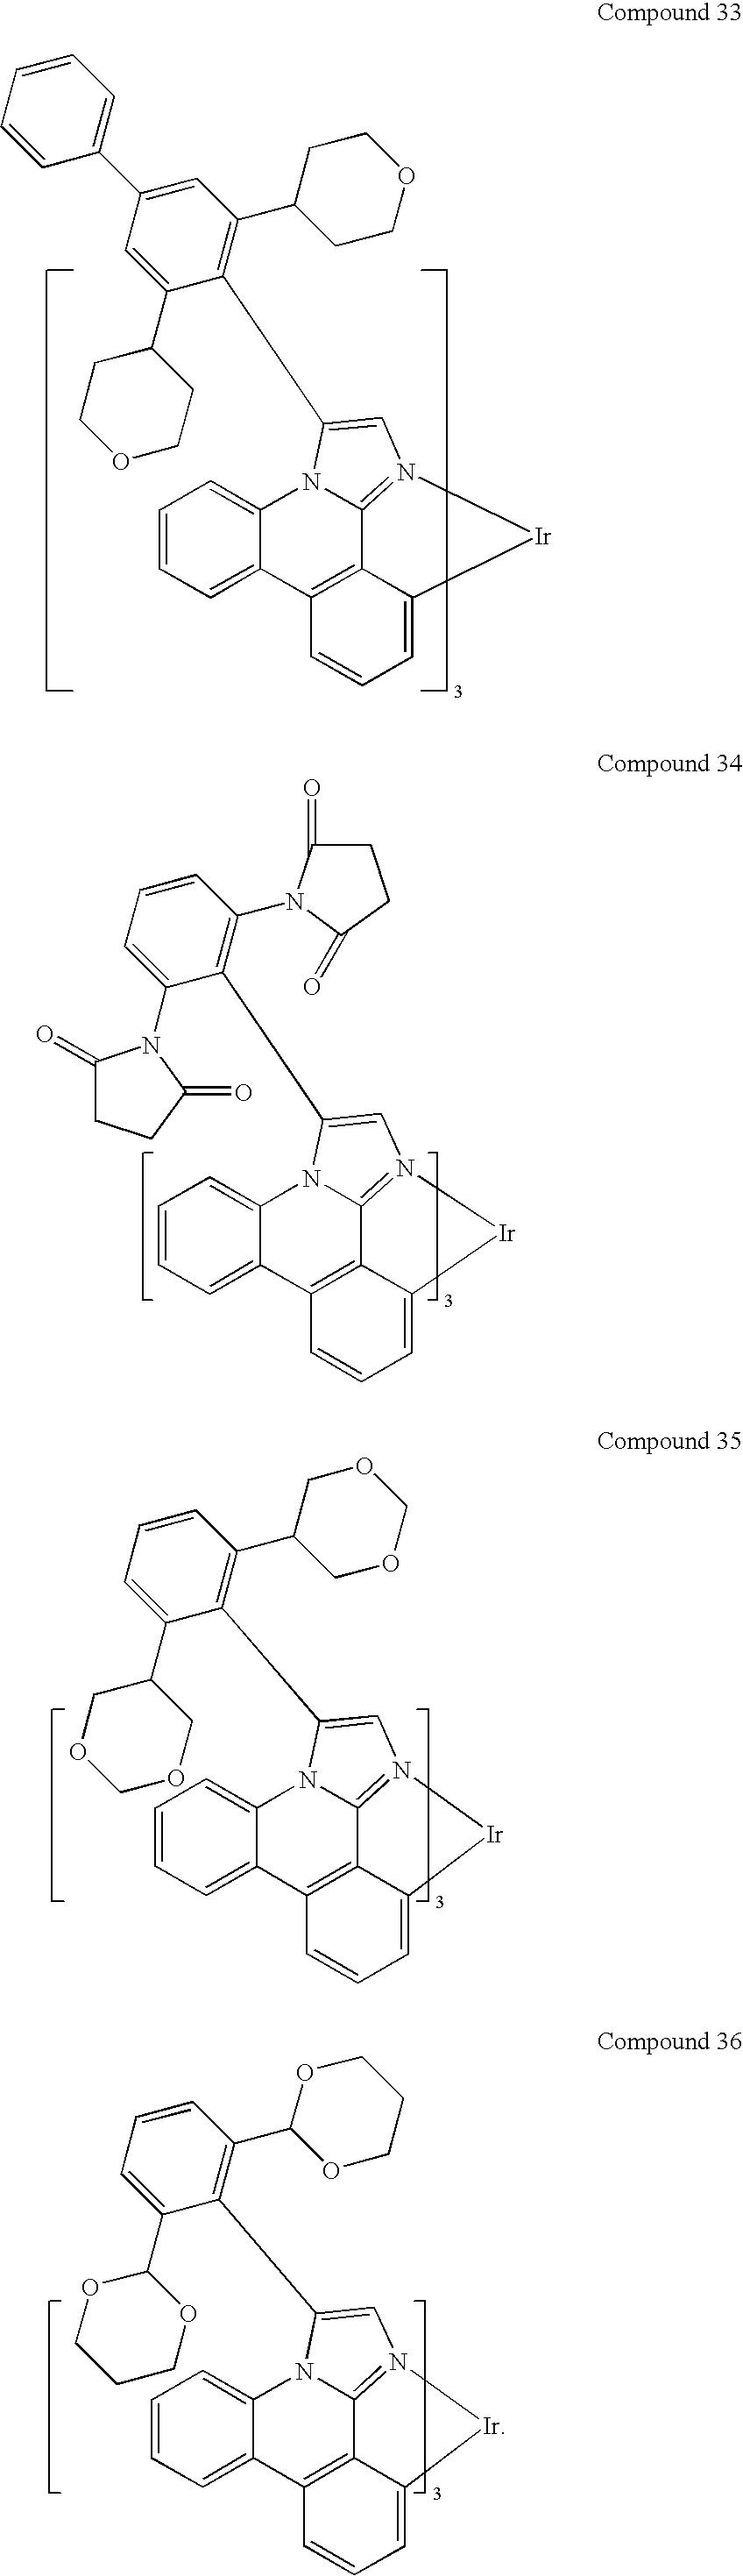 Figure US20100148663A1-20100617-C00182